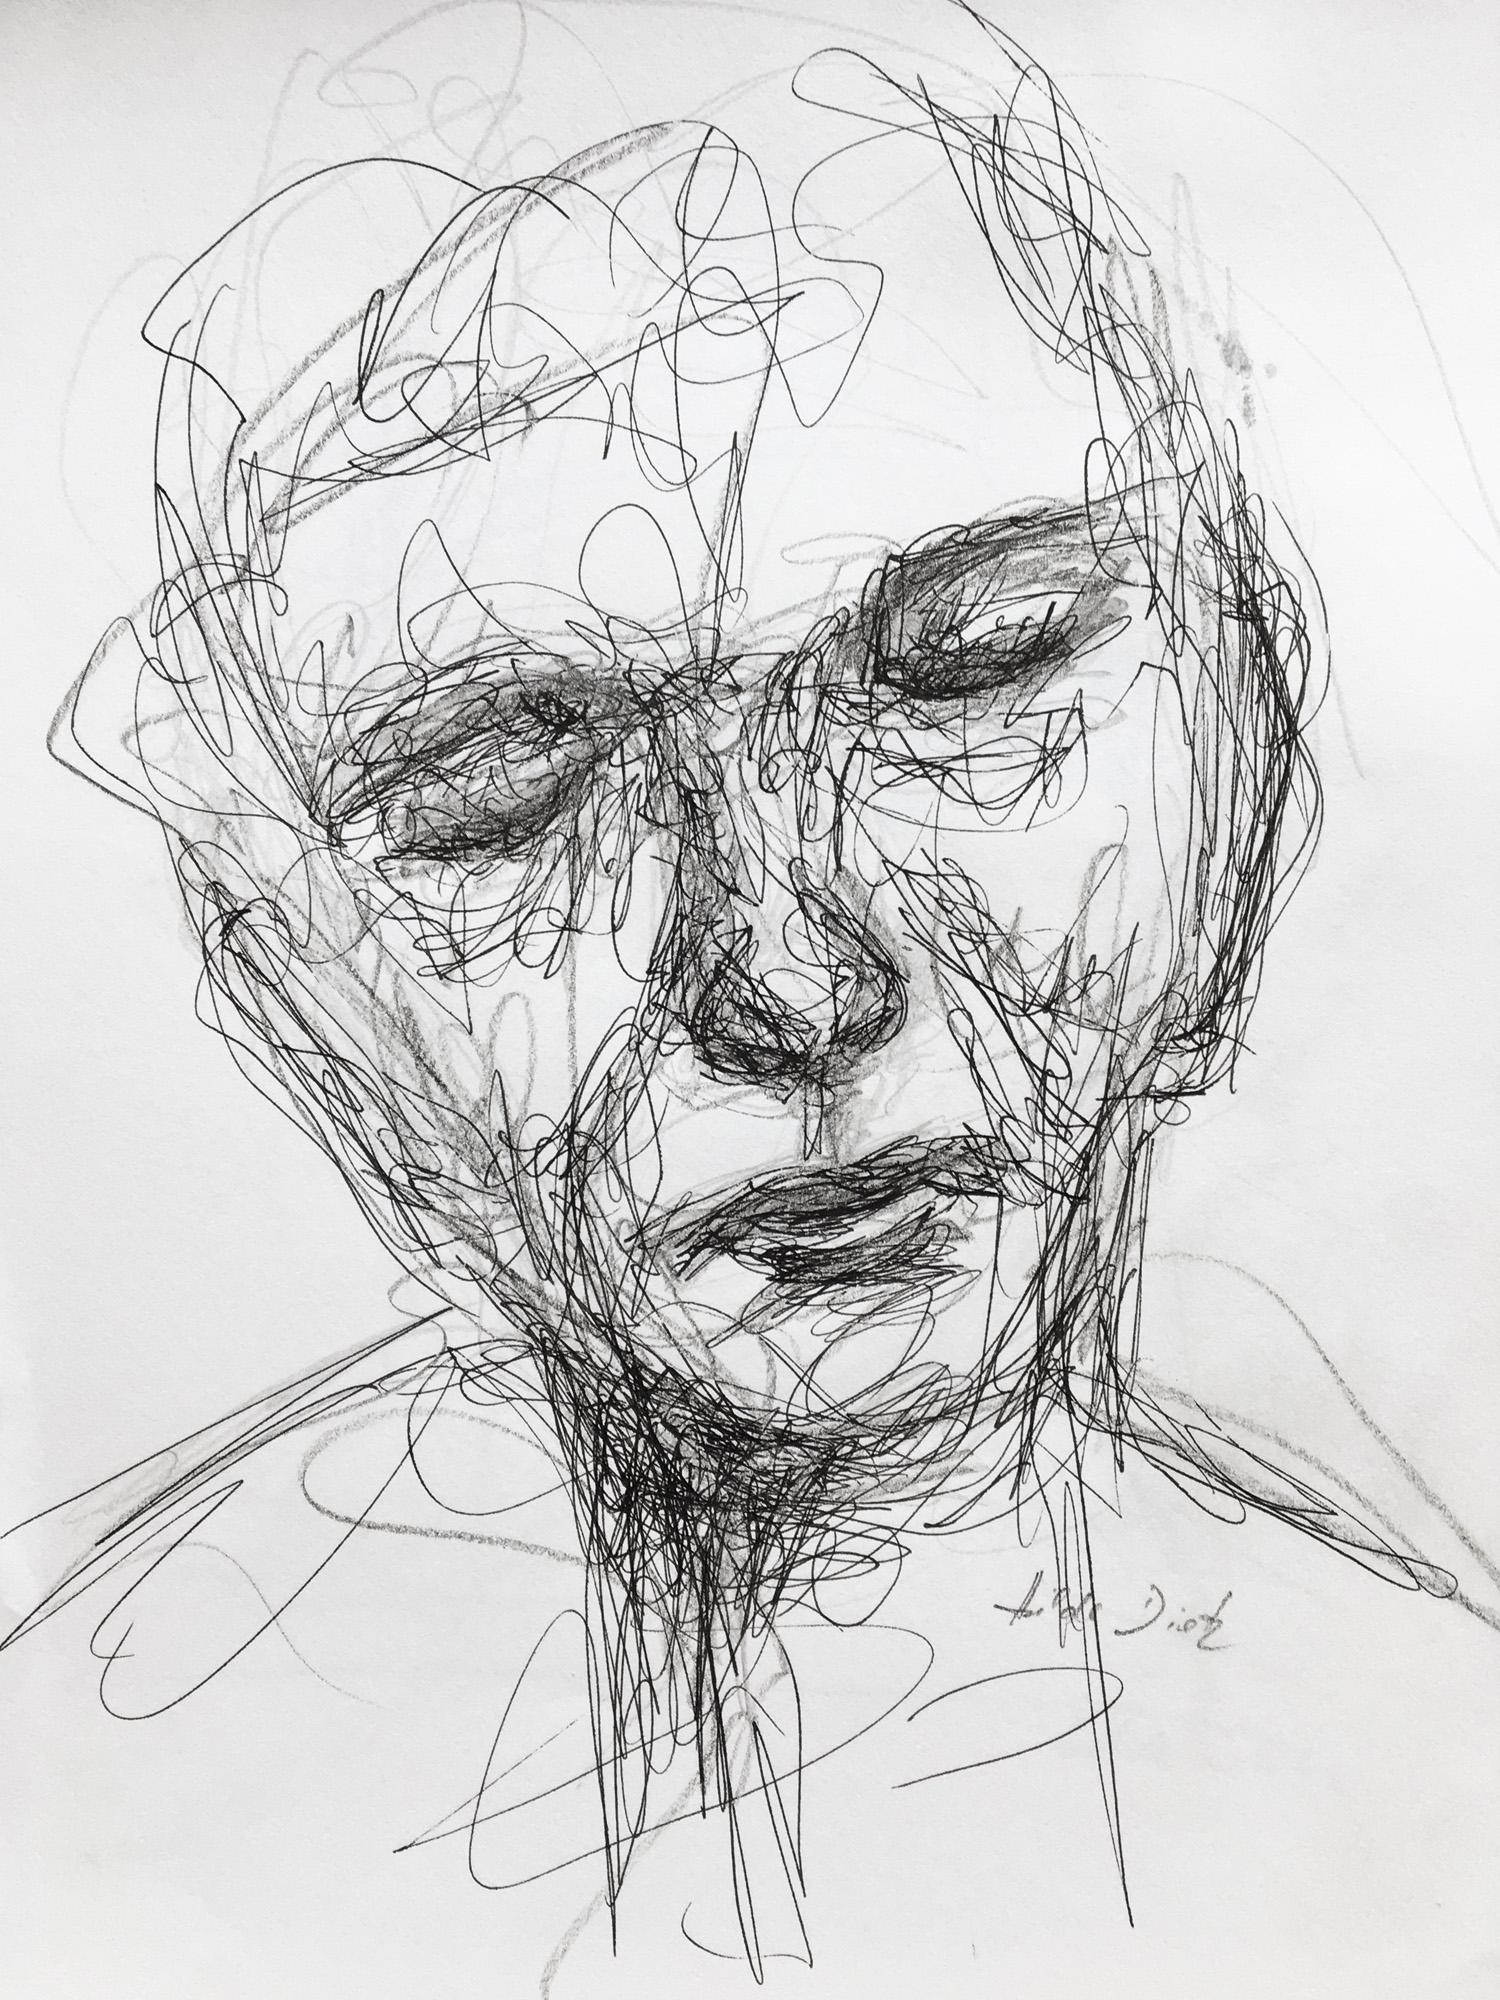 Hilde_Dietz_Menschenbilder_Zeichnung_Skizzen_2_01.jpg